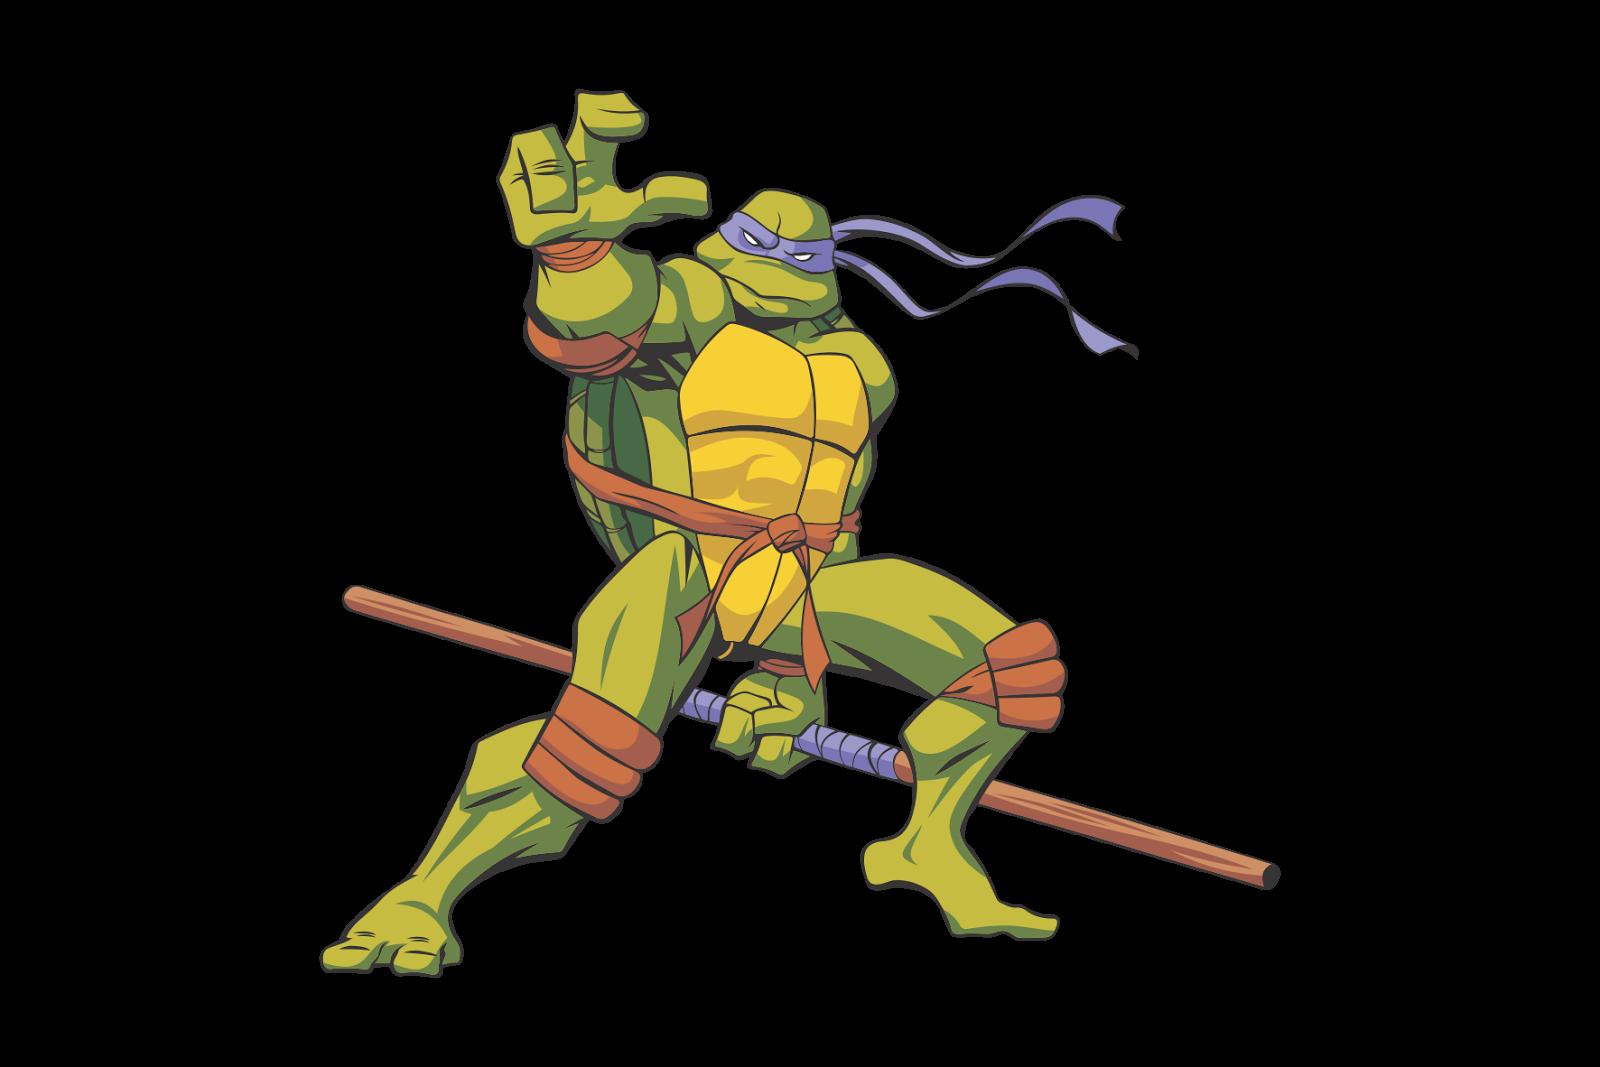 1600x1067 Tmnt Donatello Vector